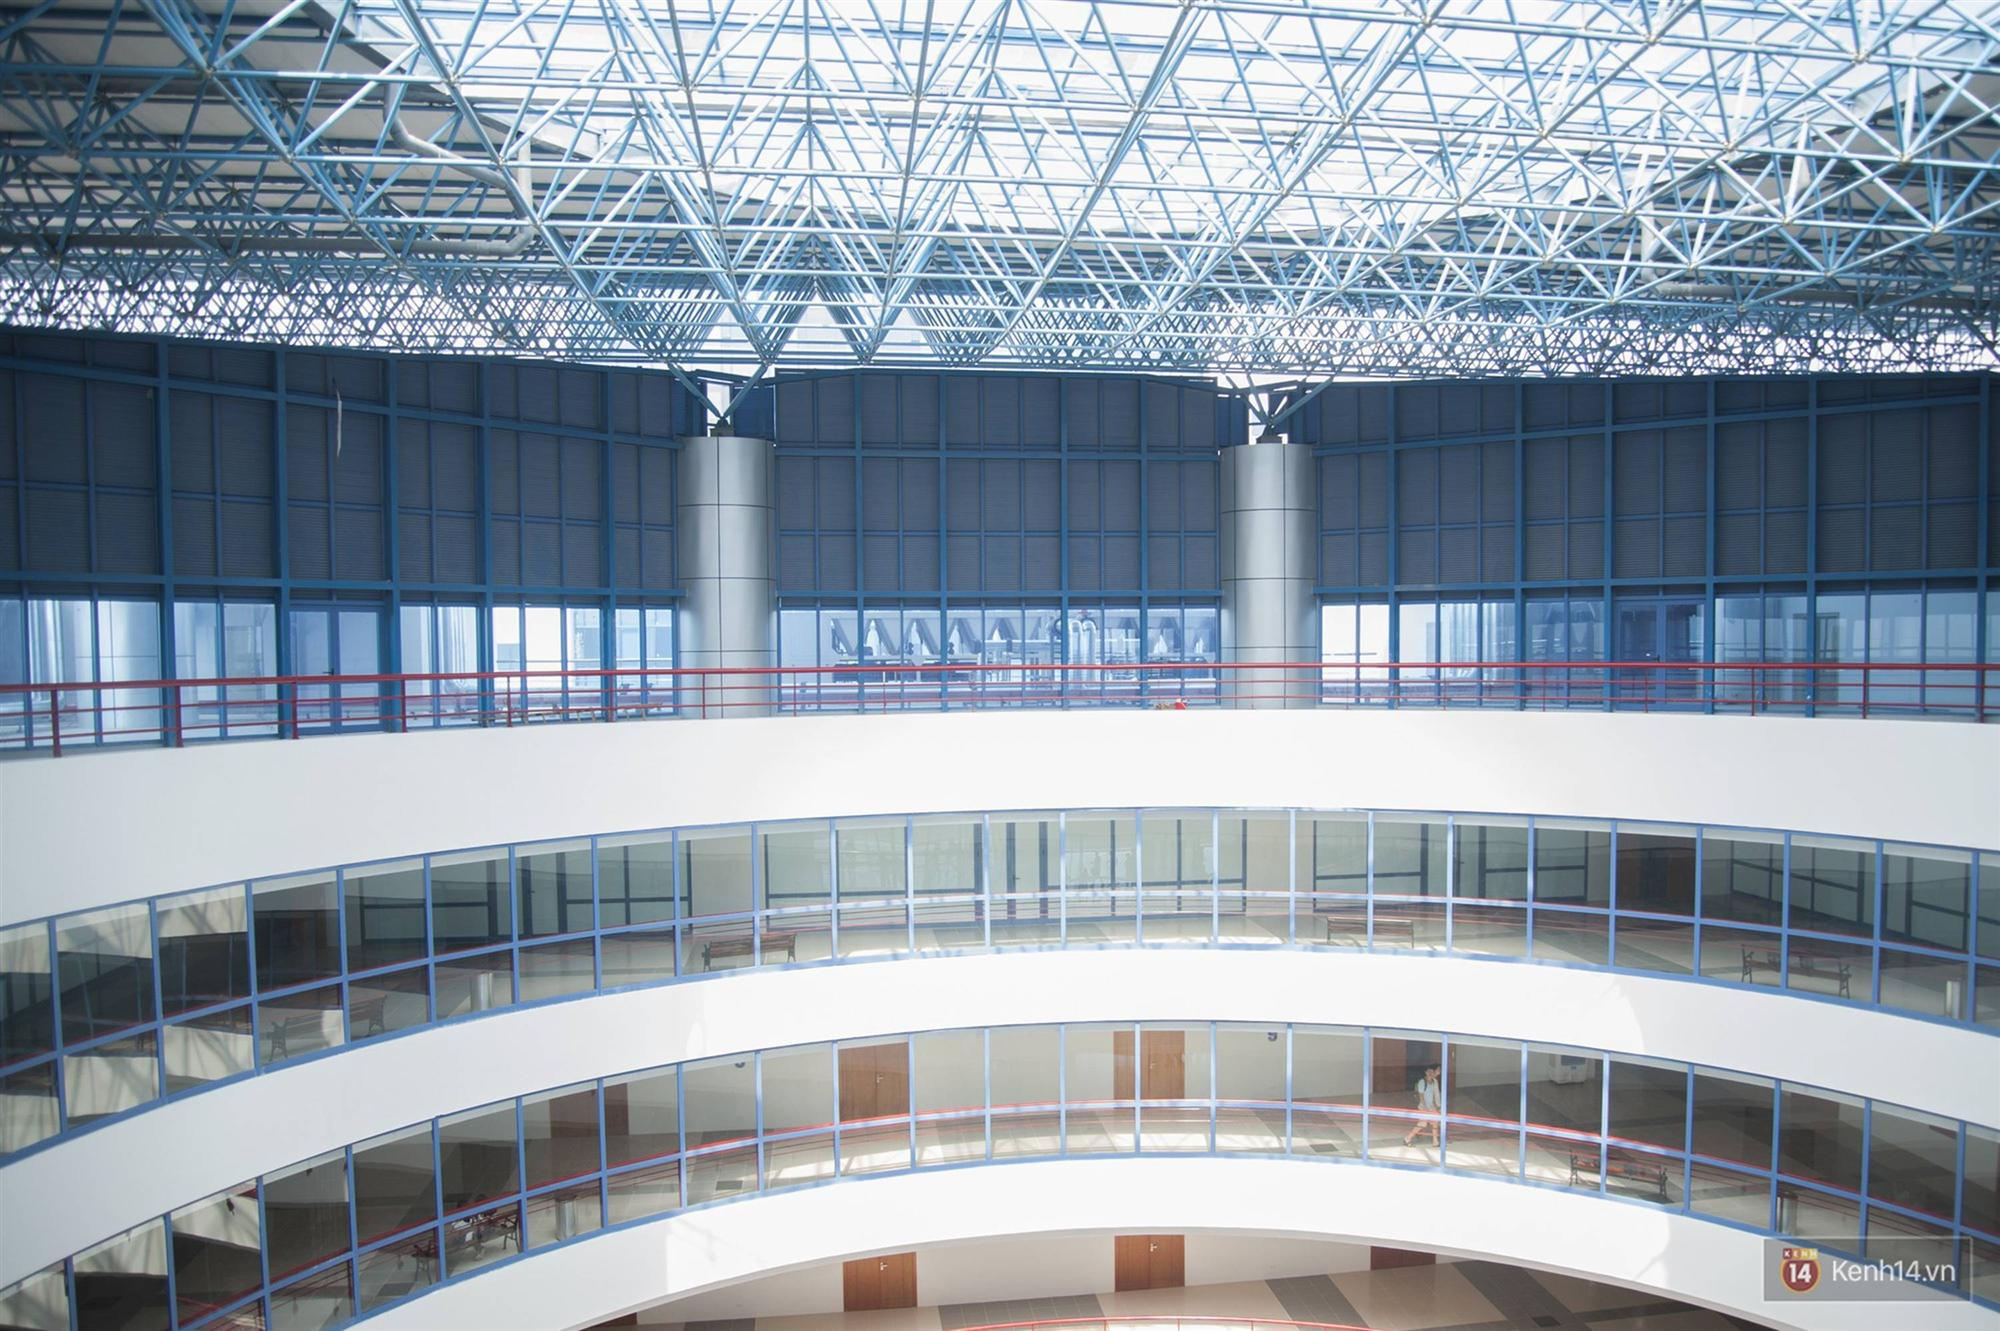 Xịn như Kinh tế Quốc dân: Dựng không gian checkin Noel sang như khách sạn bên trong toà nhà thế kỷ 96.000 m2 với 17 thang máy!-5